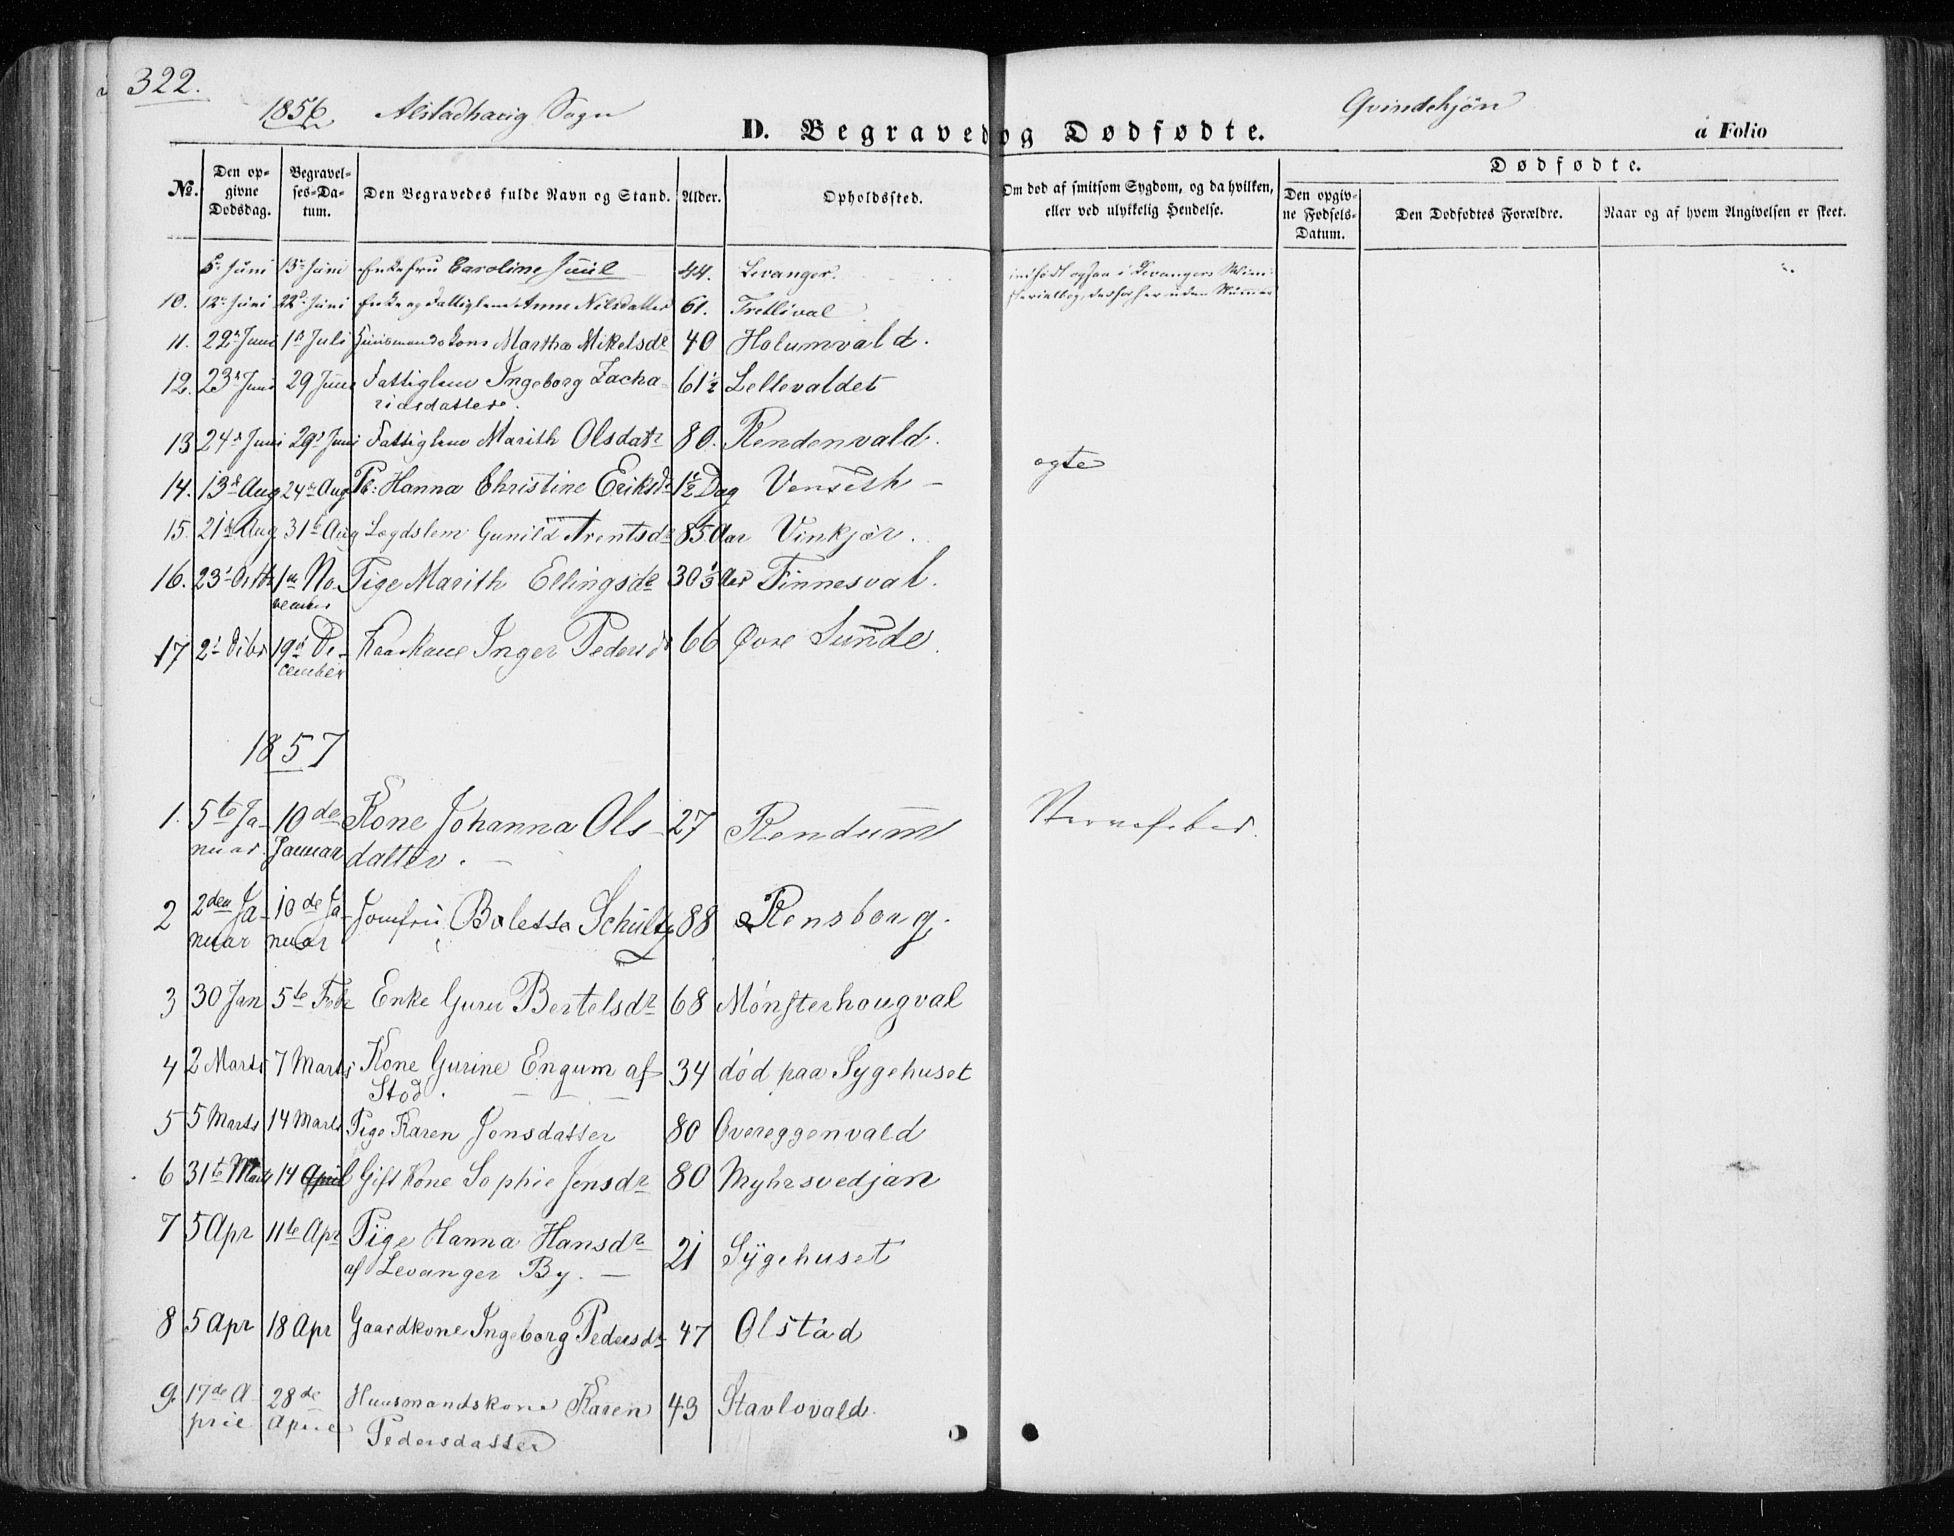 SAT, Ministerialprotokoller, klokkerbøker og fødselsregistre - Nord-Trøndelag, 717/L0154: Ministerialbok nr. 717A07 /1, 1850-1862, s. 322